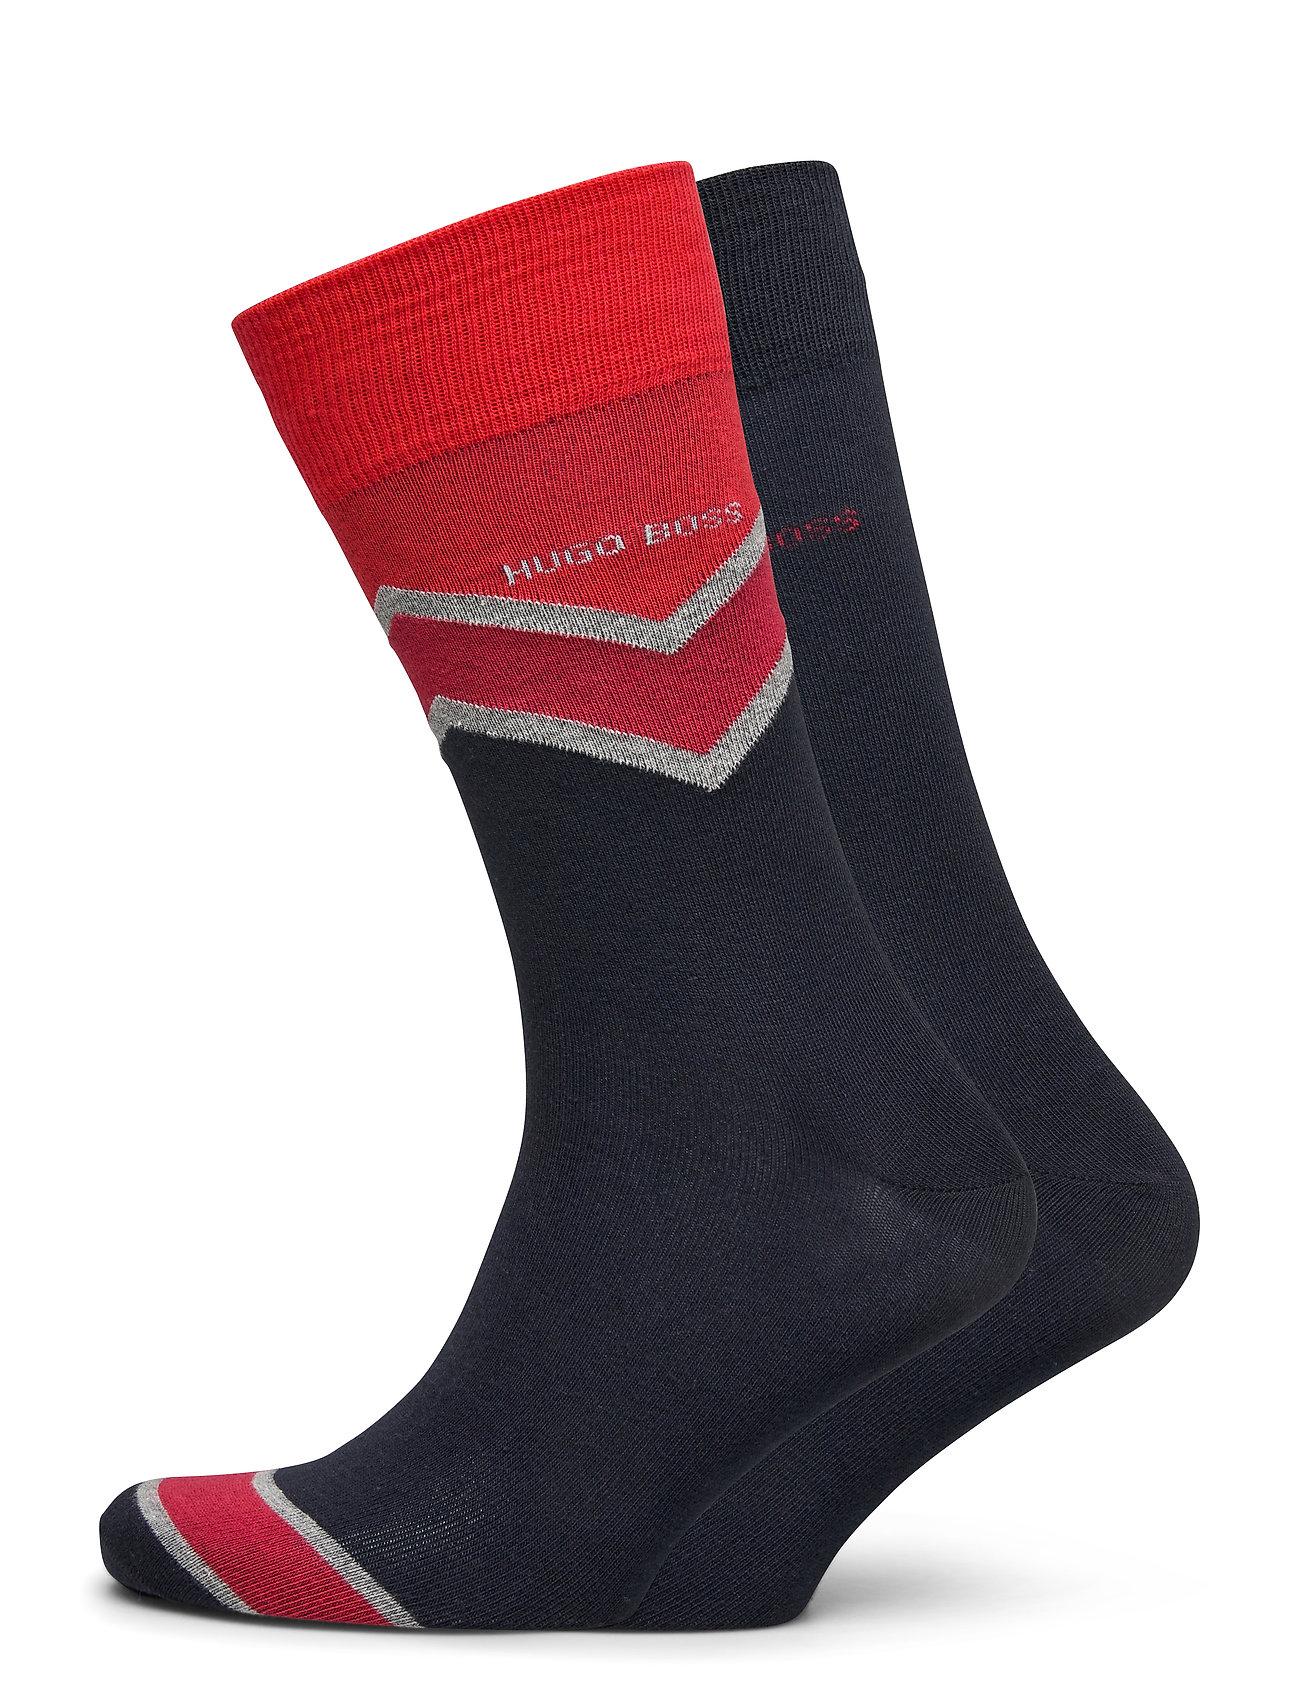 Image of 2p Rschevronstripecc Underwear Socks Regular Socks Blå BOSS (3439674979)